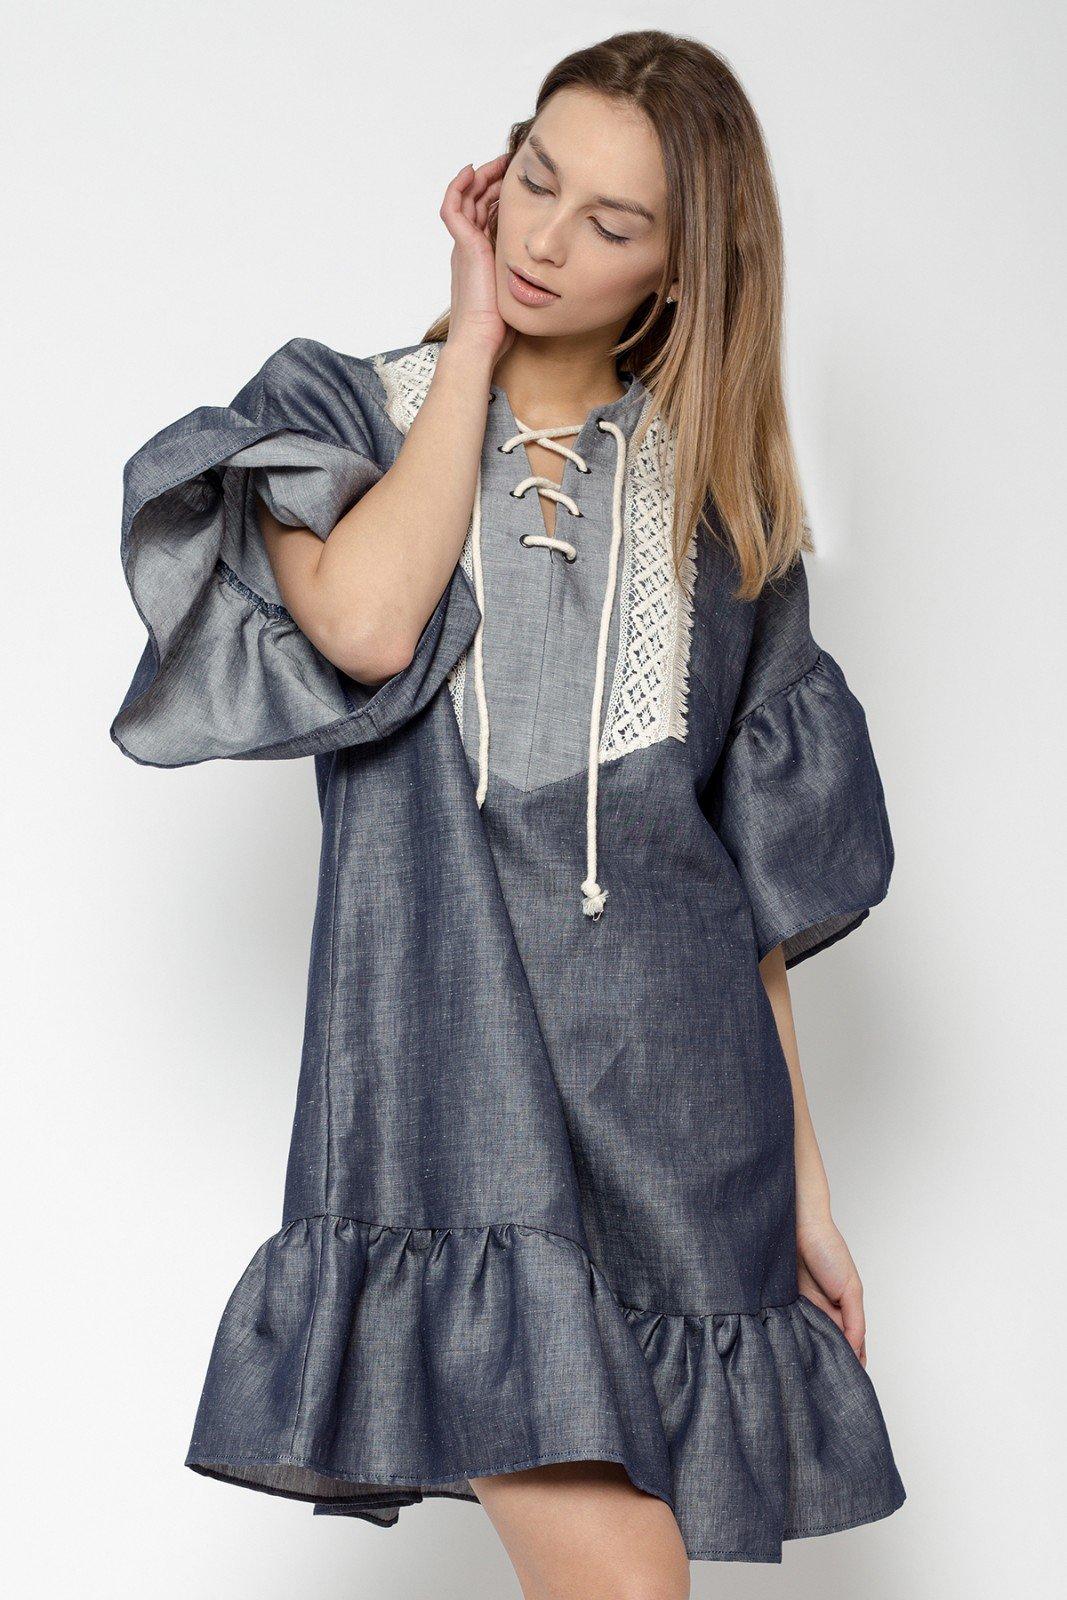 0f41f140dc6 Какое стильное брендовое платье в этно стиле можно купить в  интернет-магазине DOLCEDONNA